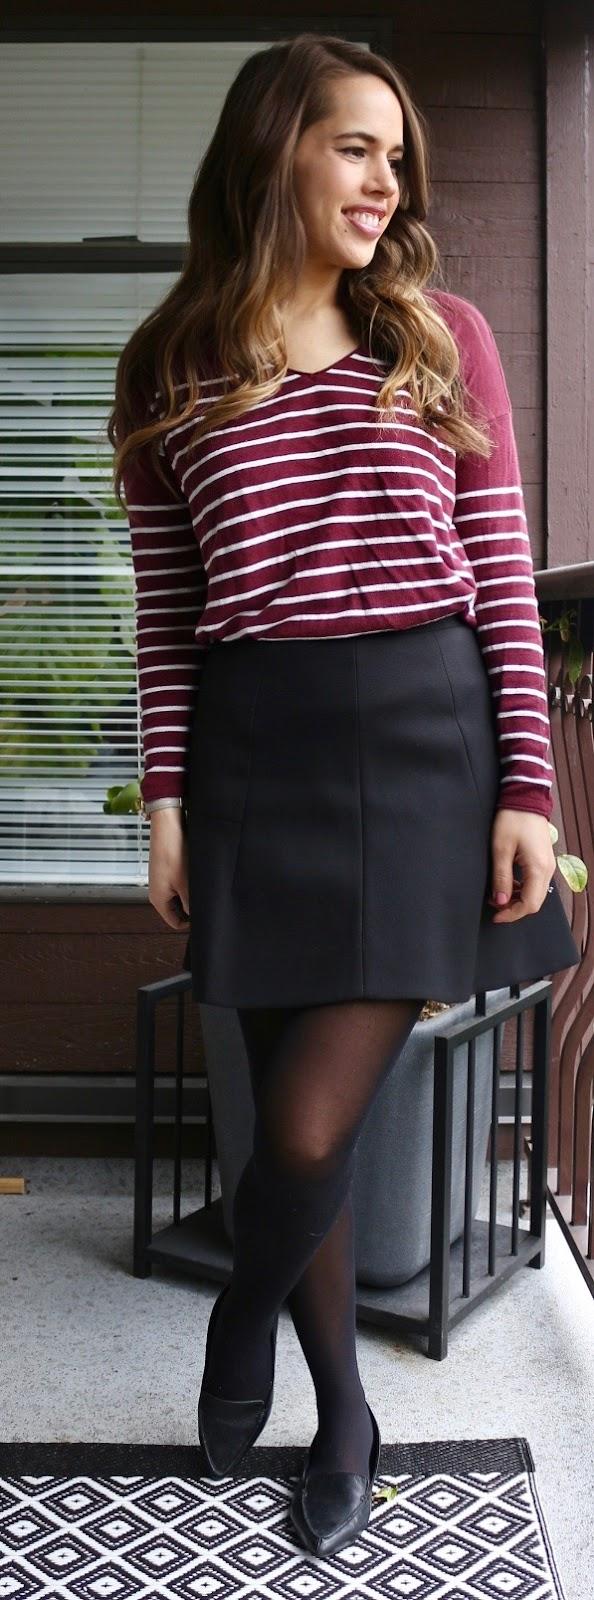 Jules in Flats - Burgundy Stripe Sweater and Black Skater Skirt